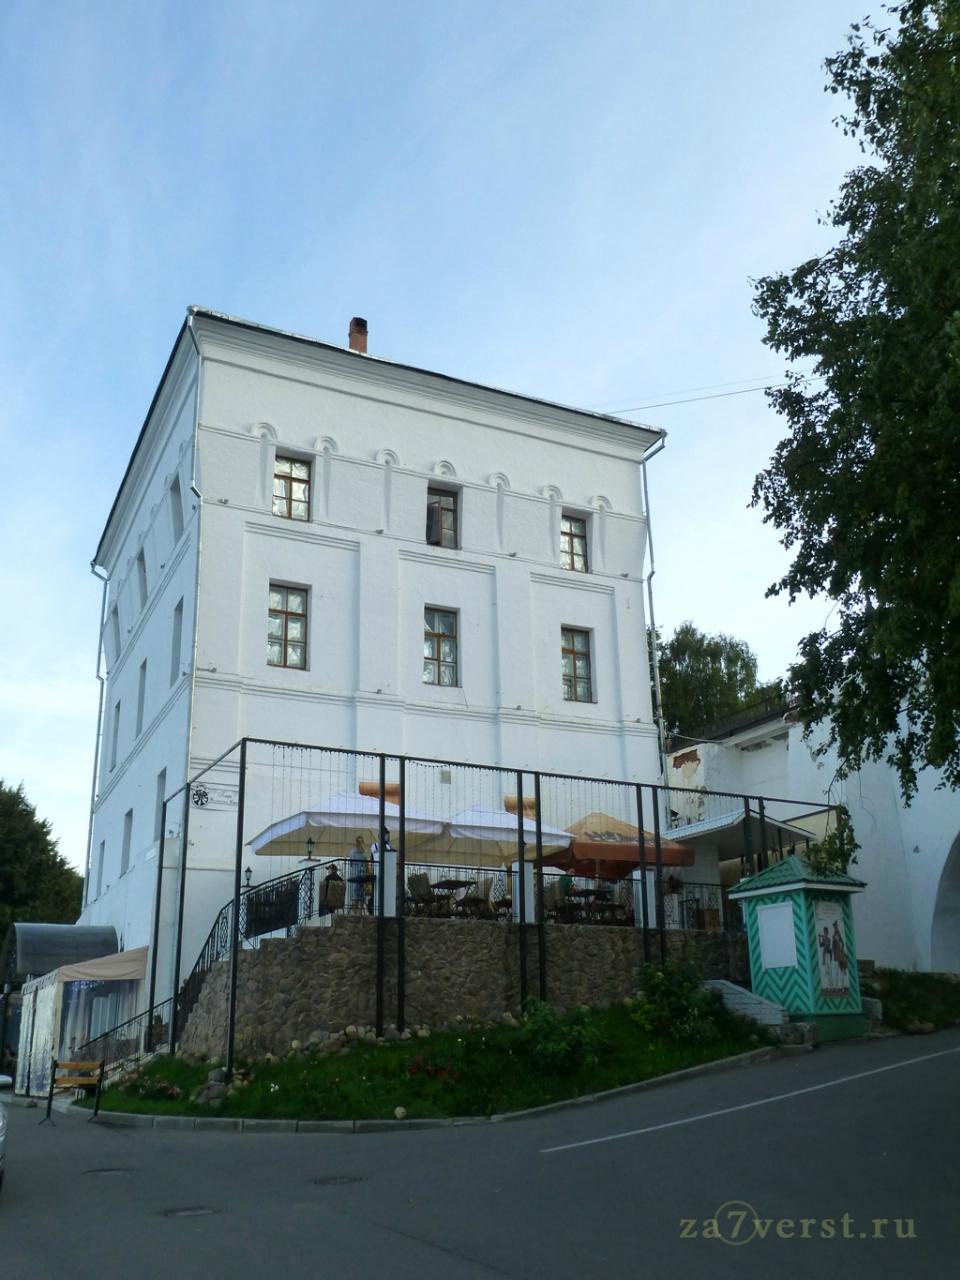 Волжская башня Ярославль